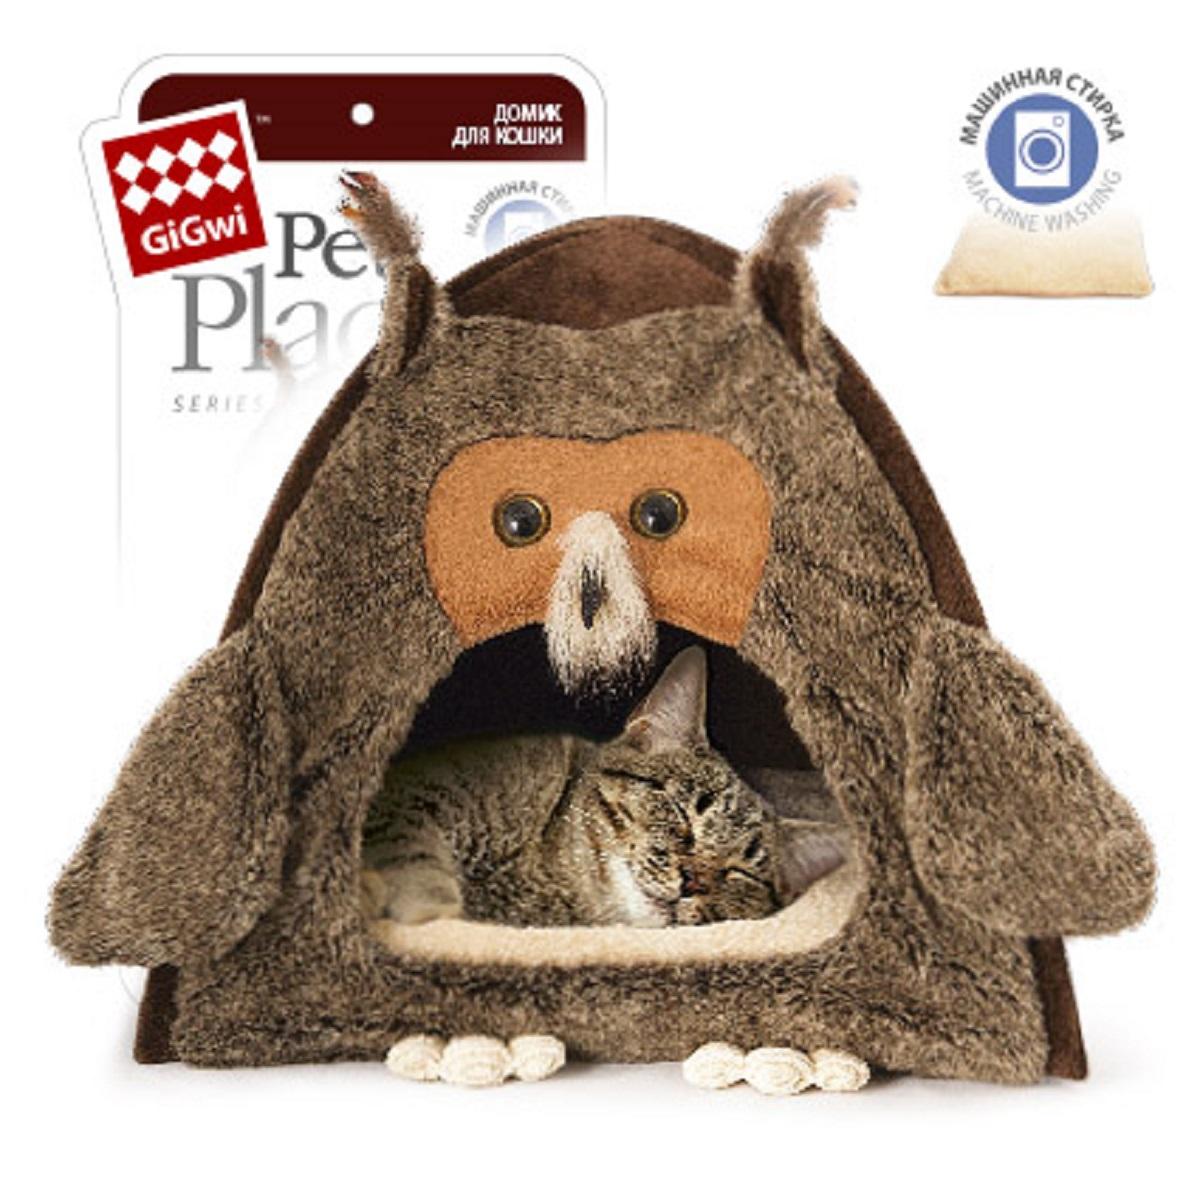 Домик для кошек и собак GiGwi Сова, 40 см х 45 см75061GiGwi Домик для кошек и собак Сова Складной и уютный домик для кошки. Забавный дизайн. Высокое качество материалов. Машинная стирка.